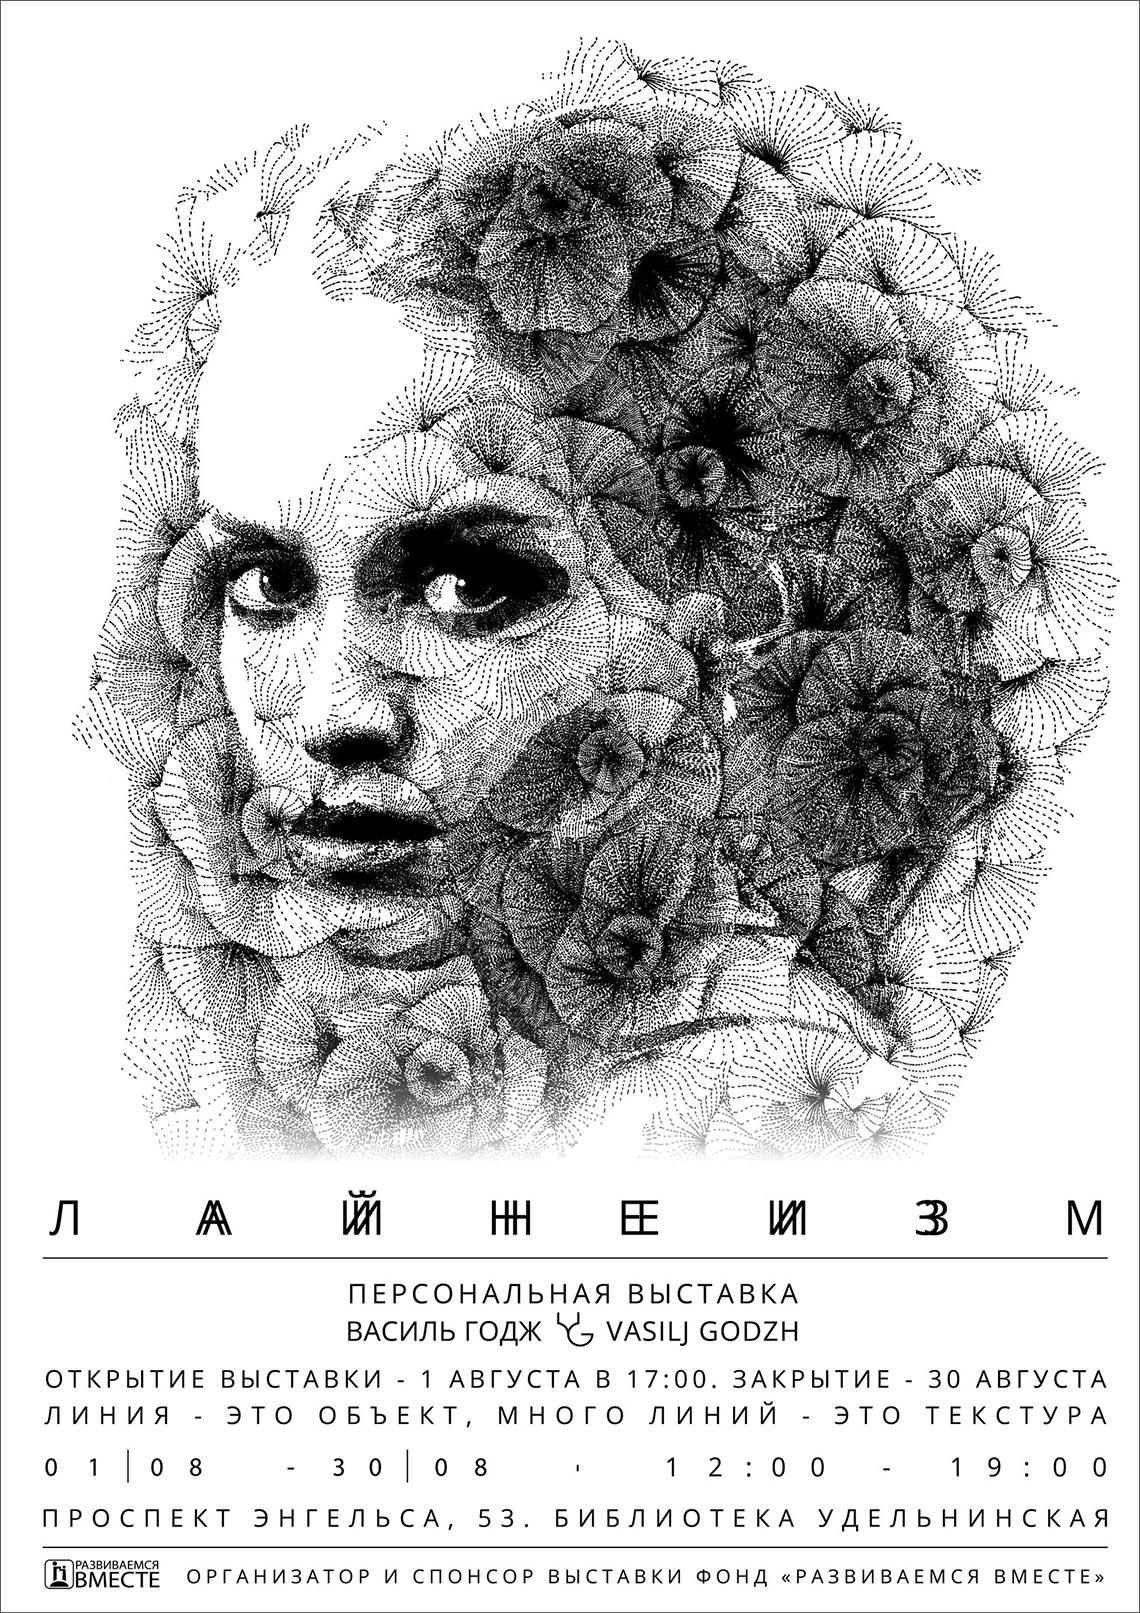 Персональная выставка Лайнеизм. Автор Василь Годж (Vasilj Godzh)